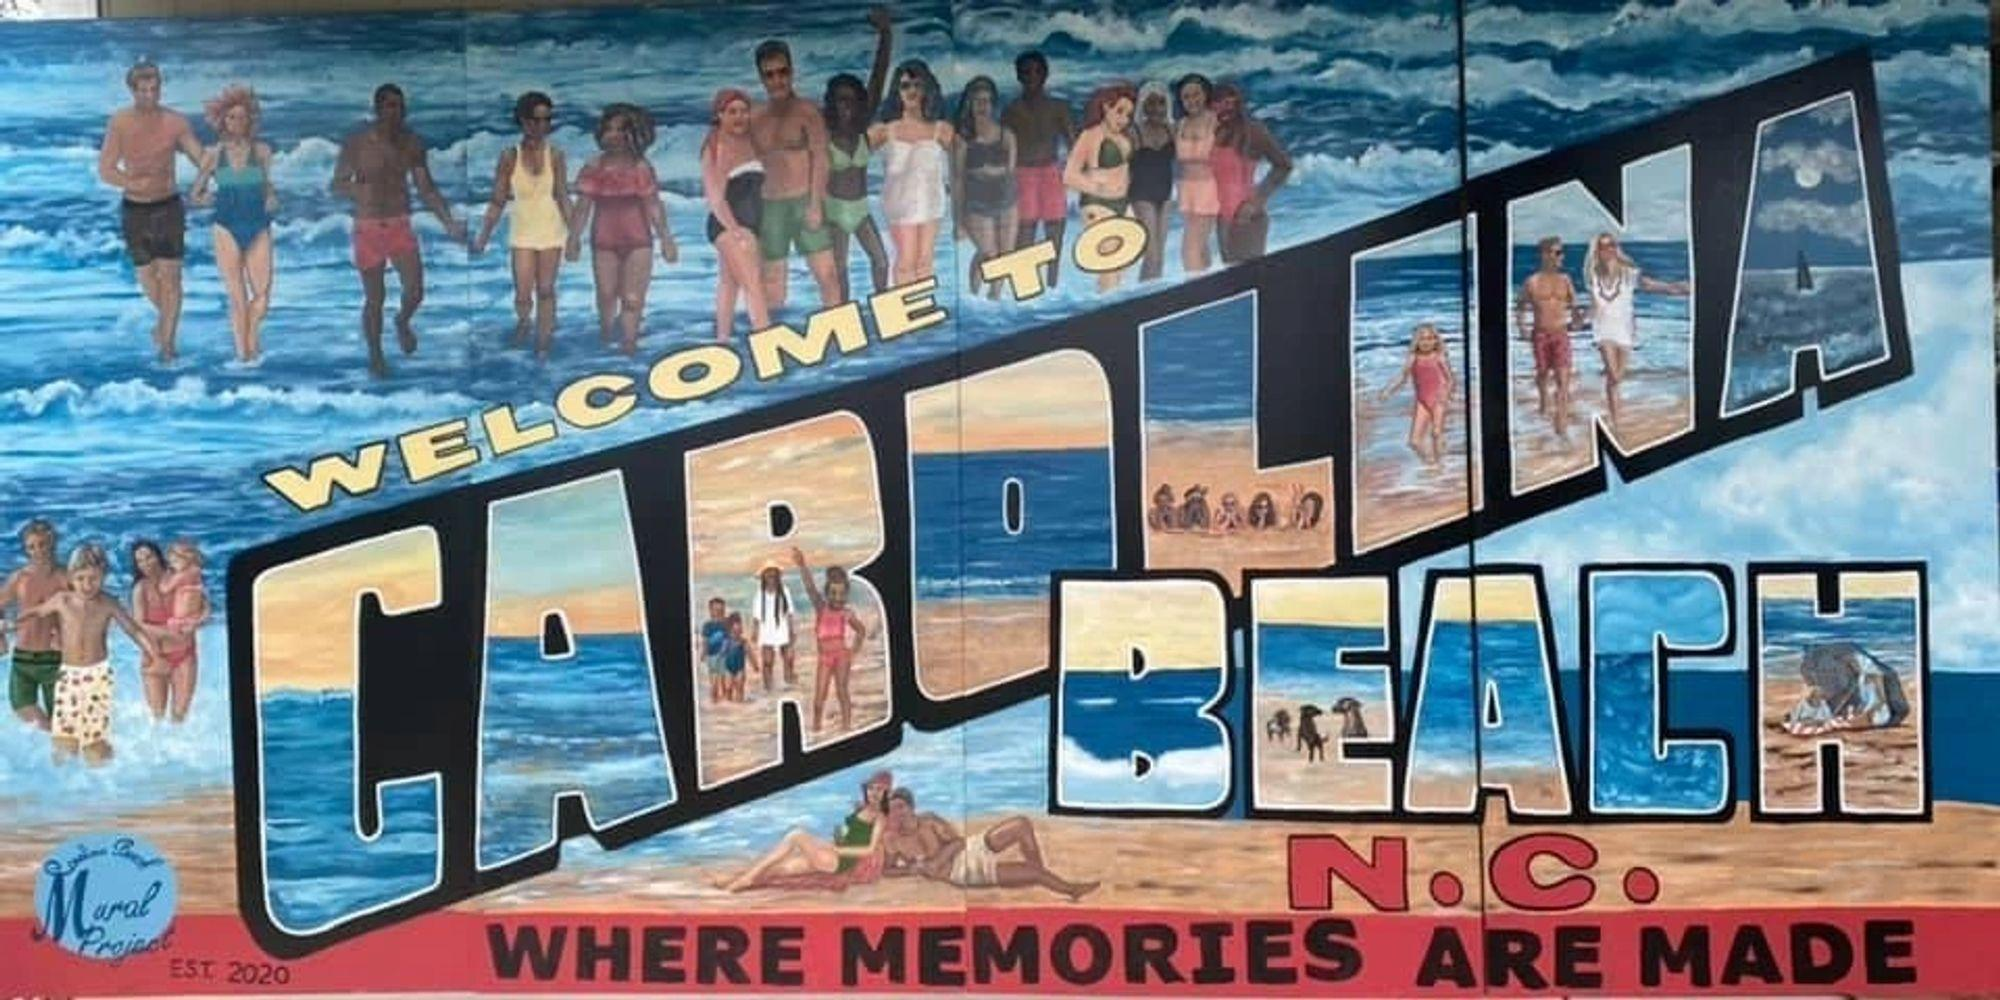 Welcome_to_Carolina_Beach_North_Carolina_copywriter_Tryna_Fitzpatrick_travel_writing_travel_content_tourism_destination_marketing